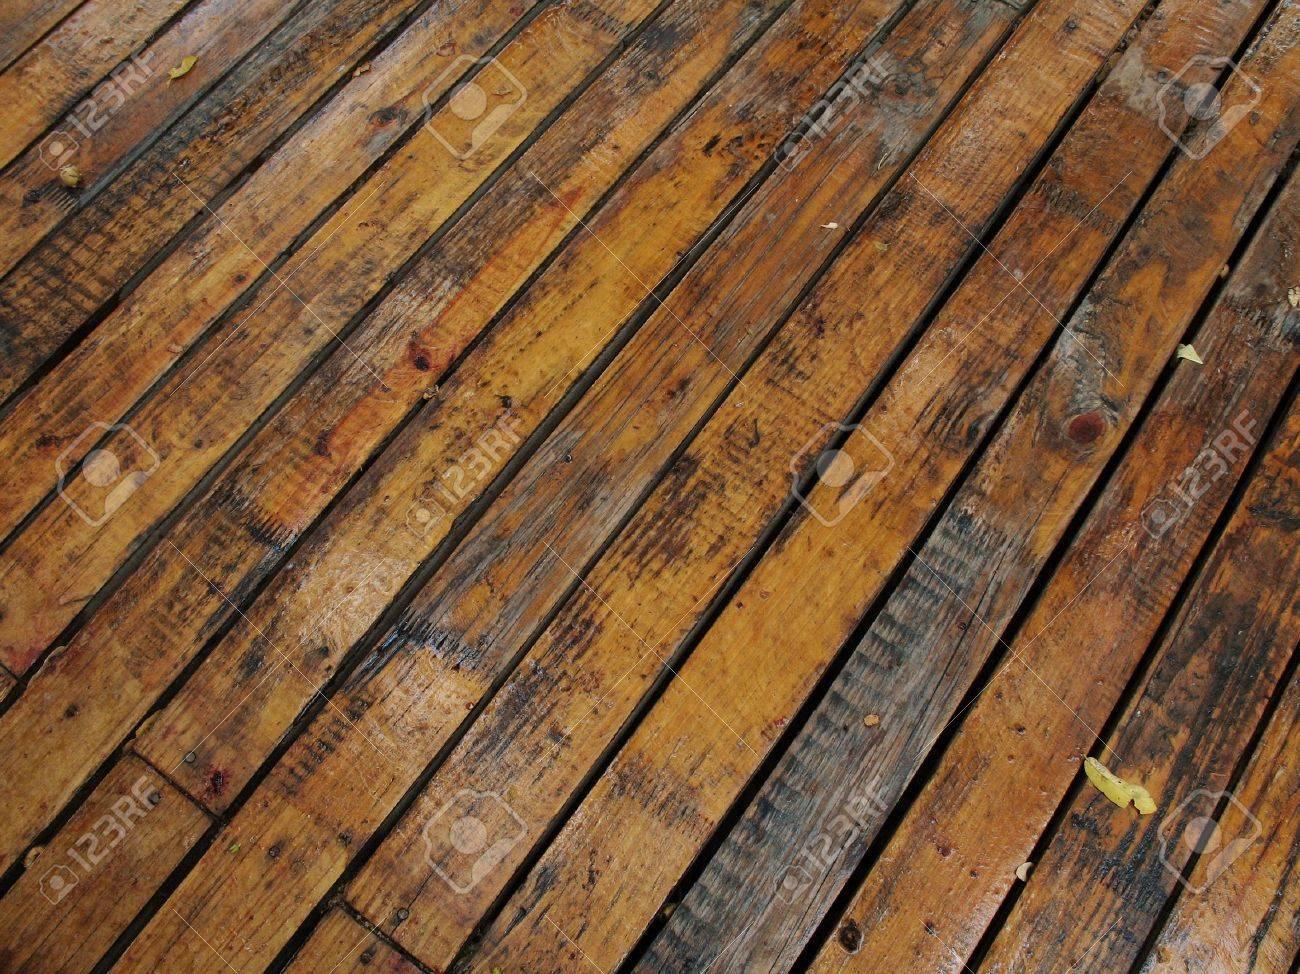 Fußboden Planken ~ Deck fußböden aus holz planken nass nach dem regen und gezeigt